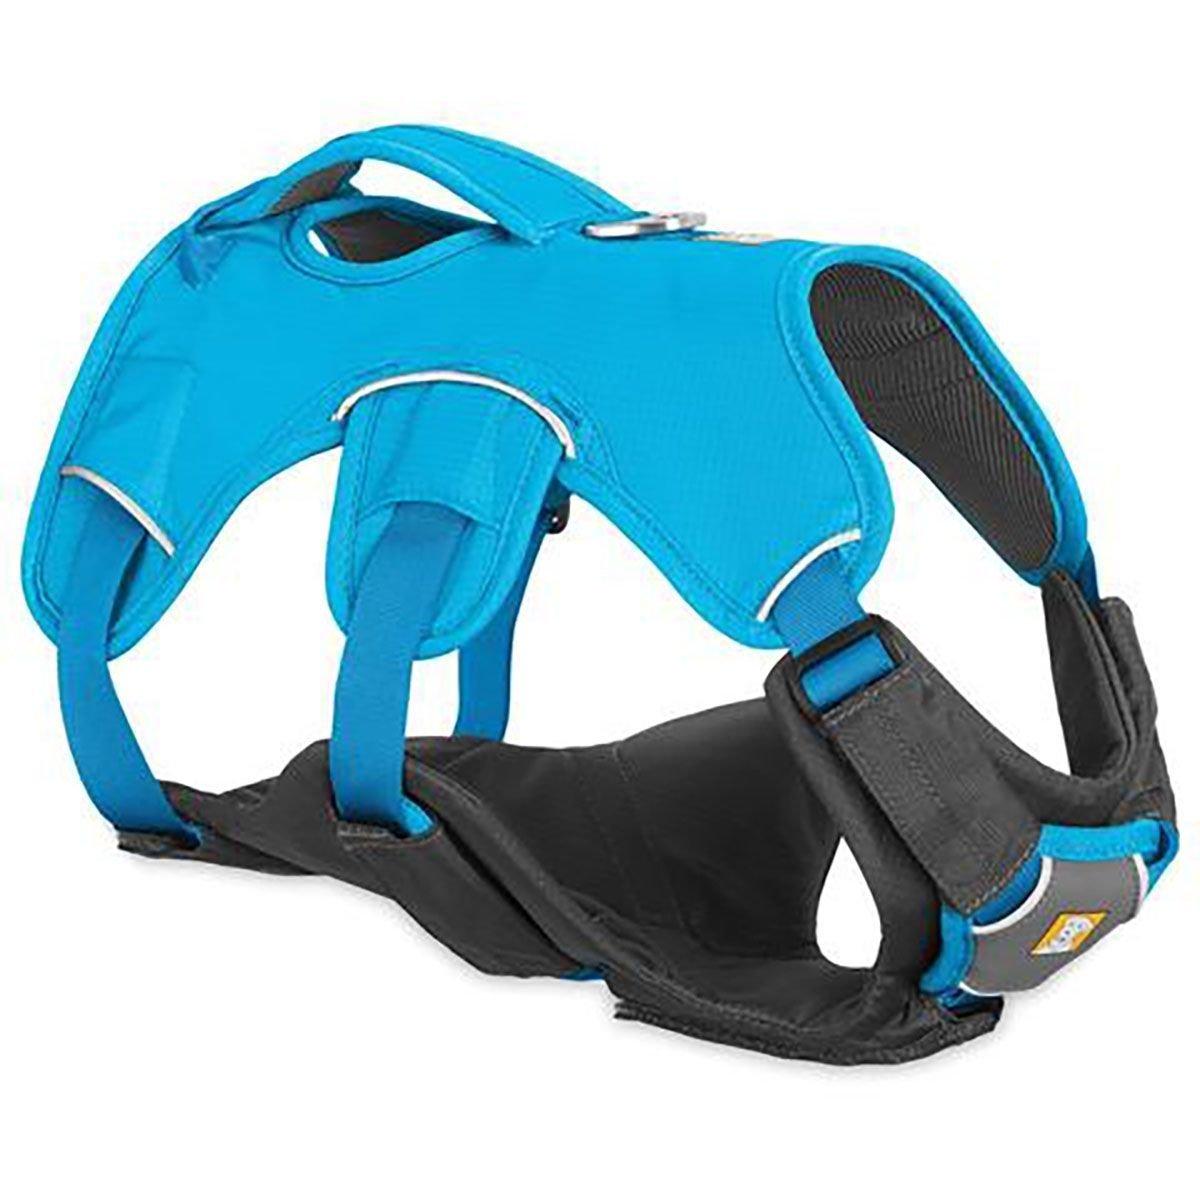 Ruffwear Brush Guard™ Brustschutz für Hundegeschirr, Bild 2